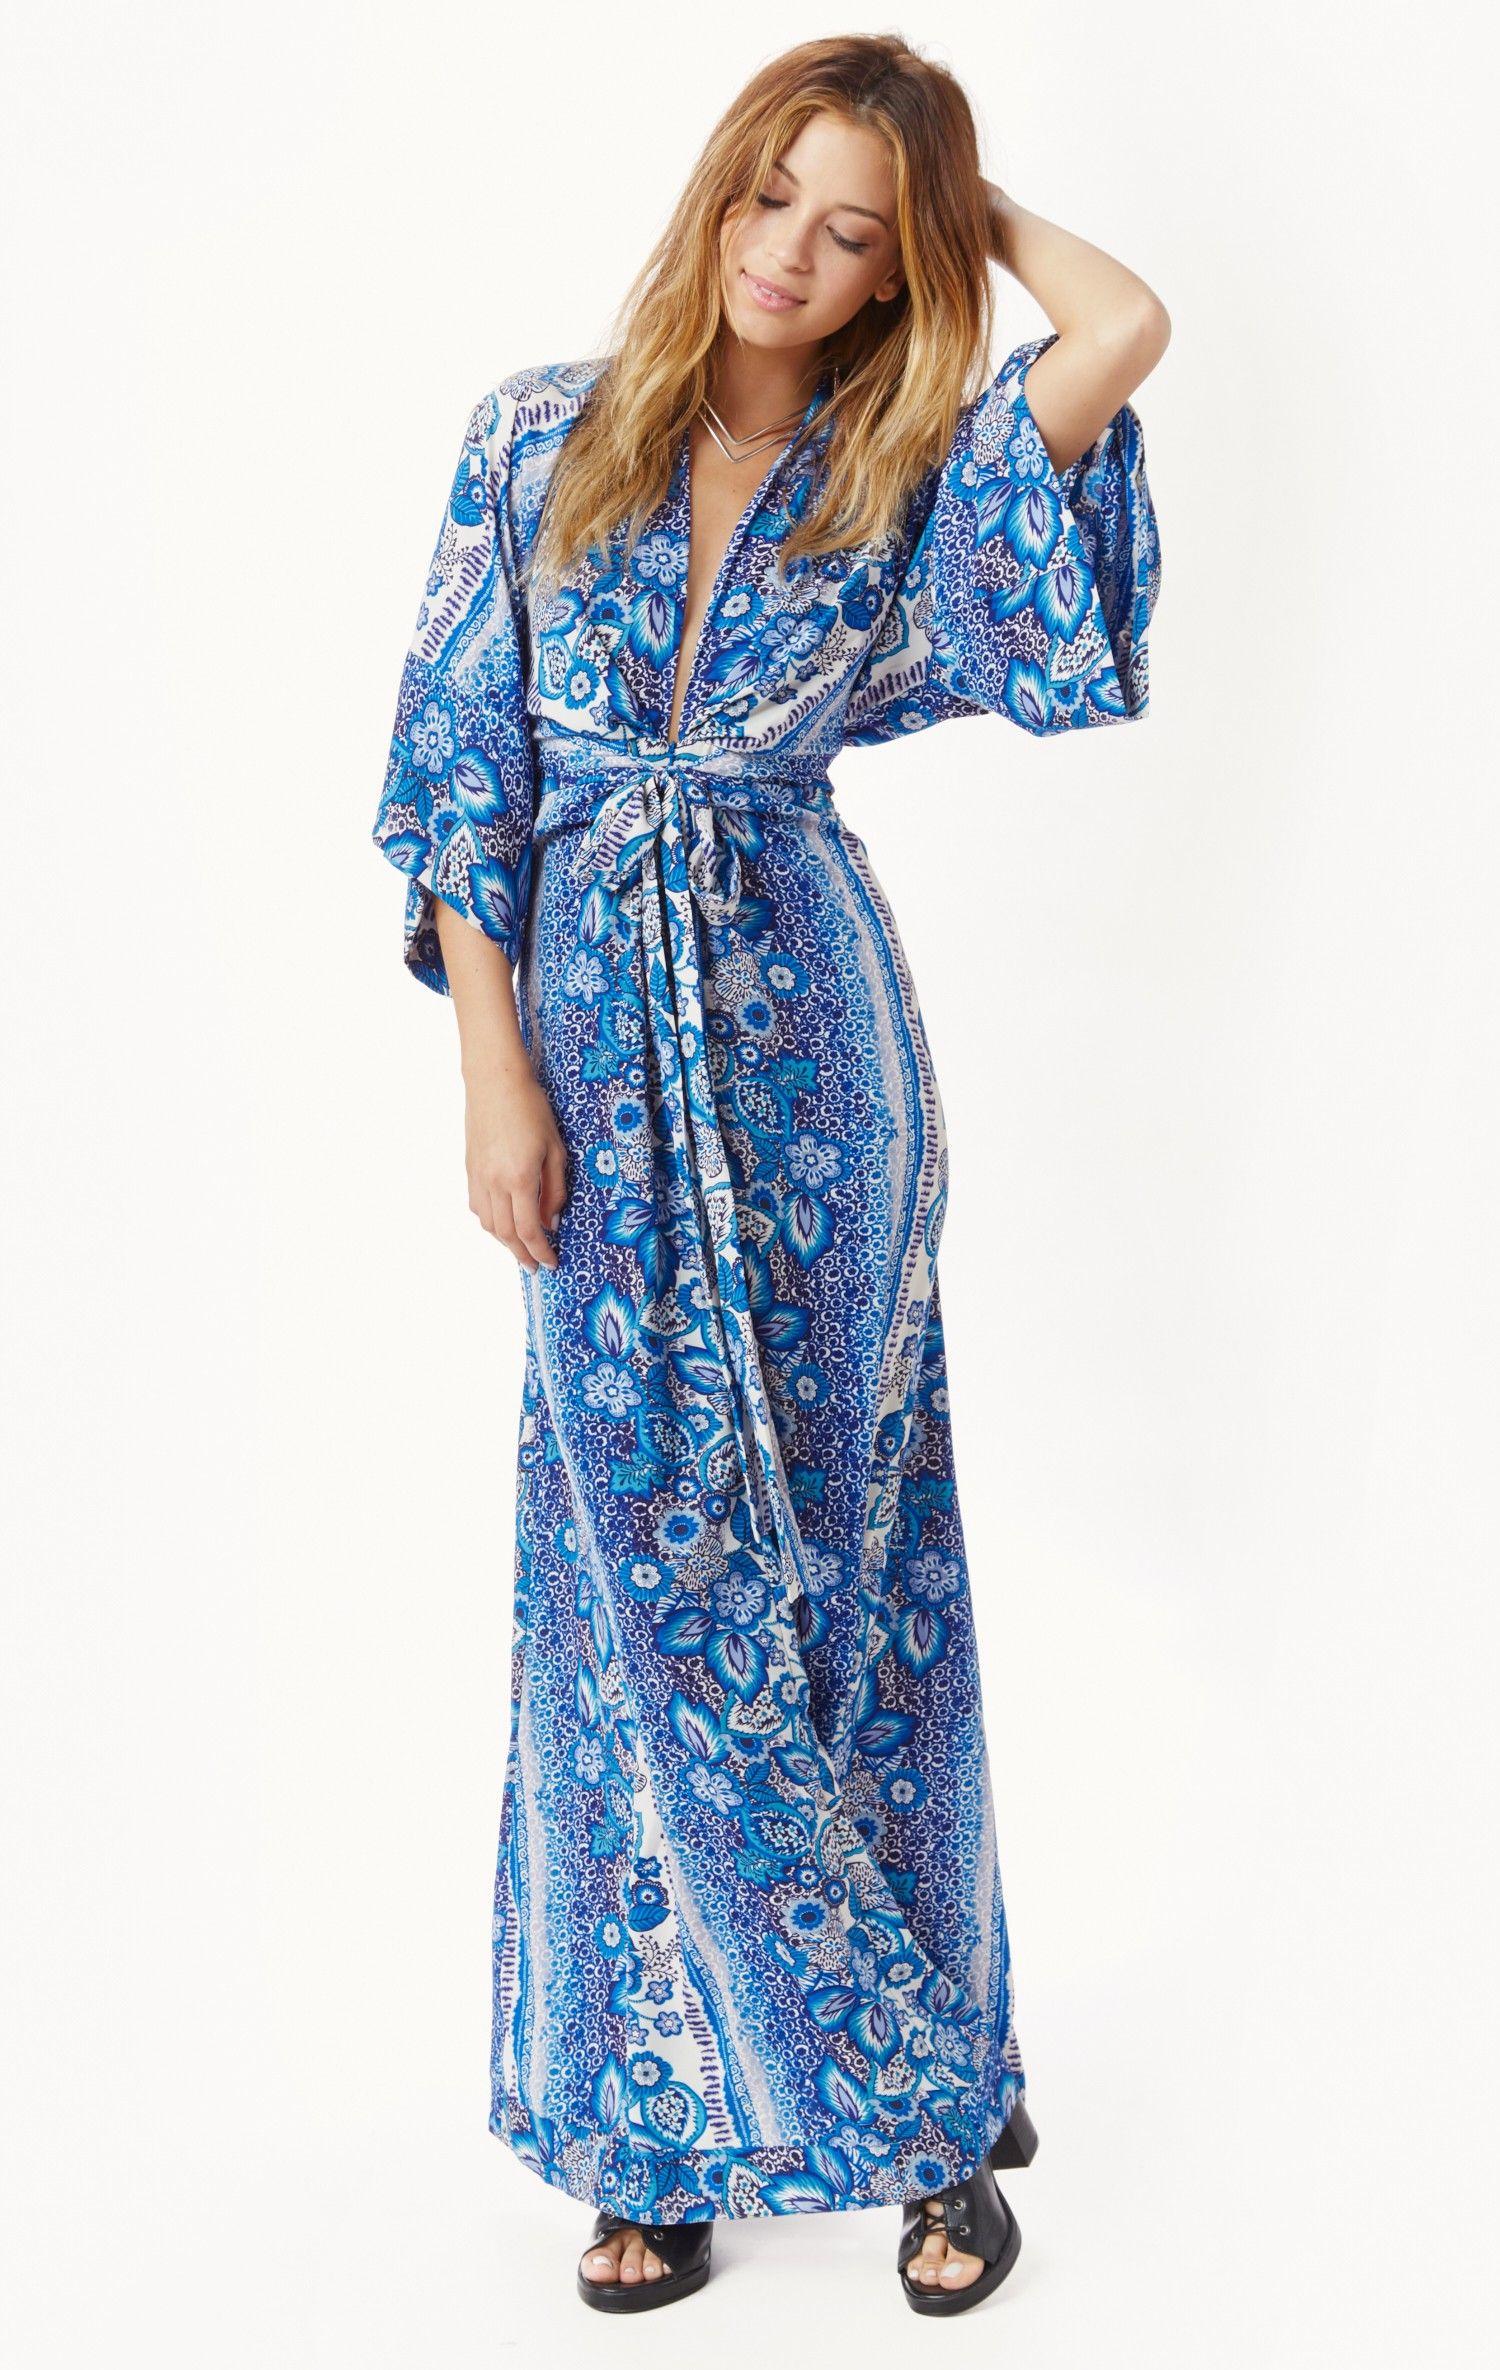 Rosella kimono maxi dress | Kimonos, Maxis and Maxi dresses